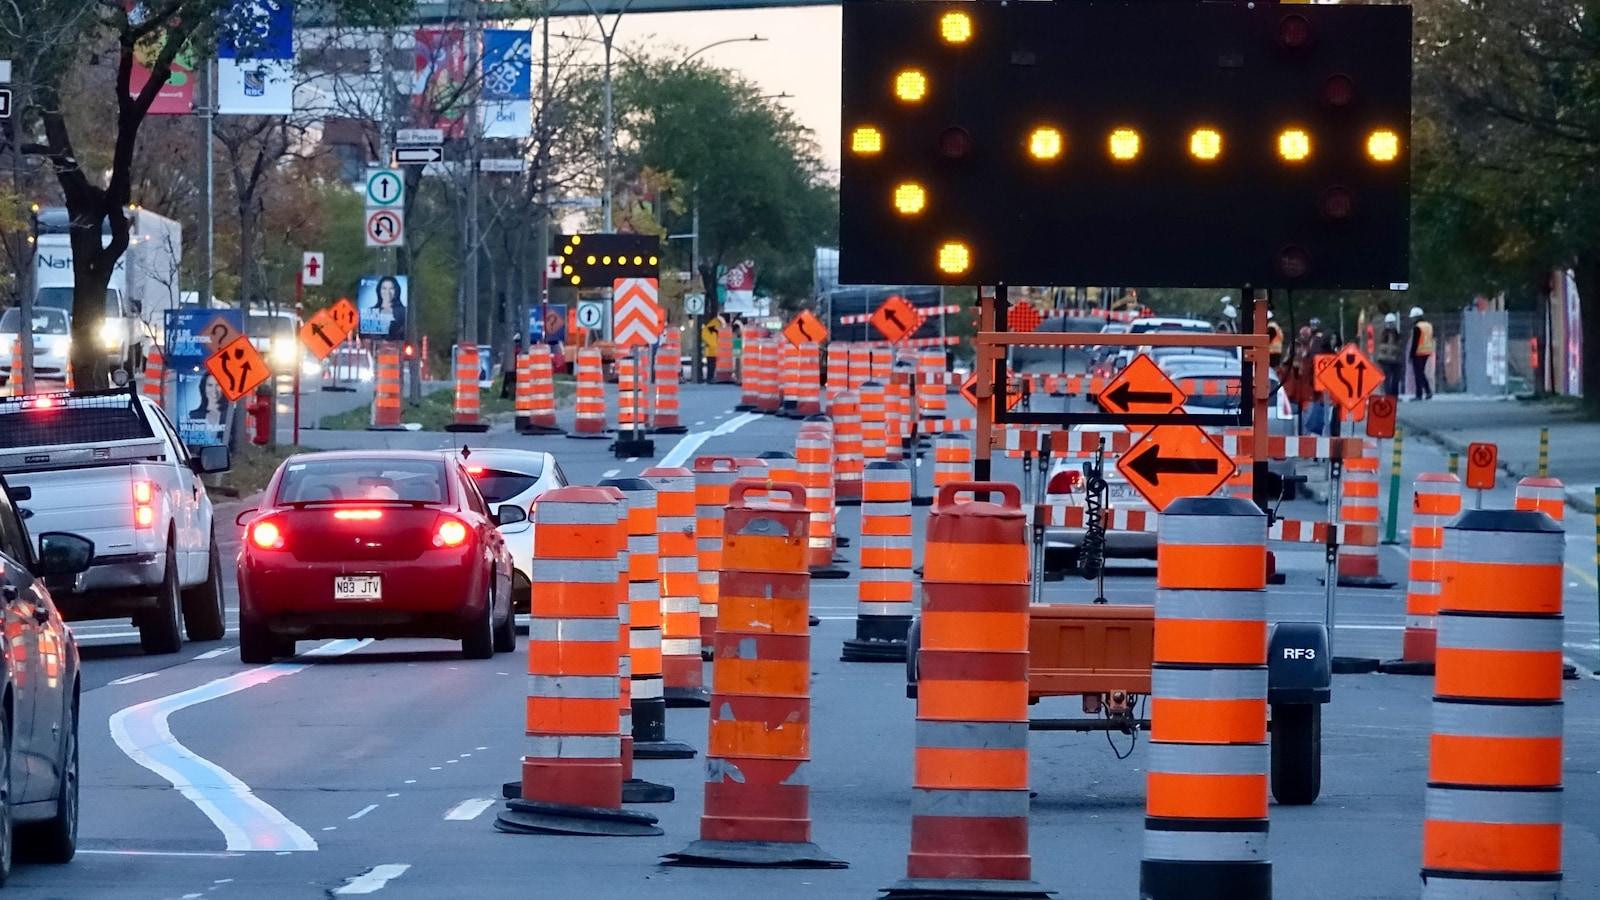 Des cônes de sécurité et des voitures sur un boulevard urbain